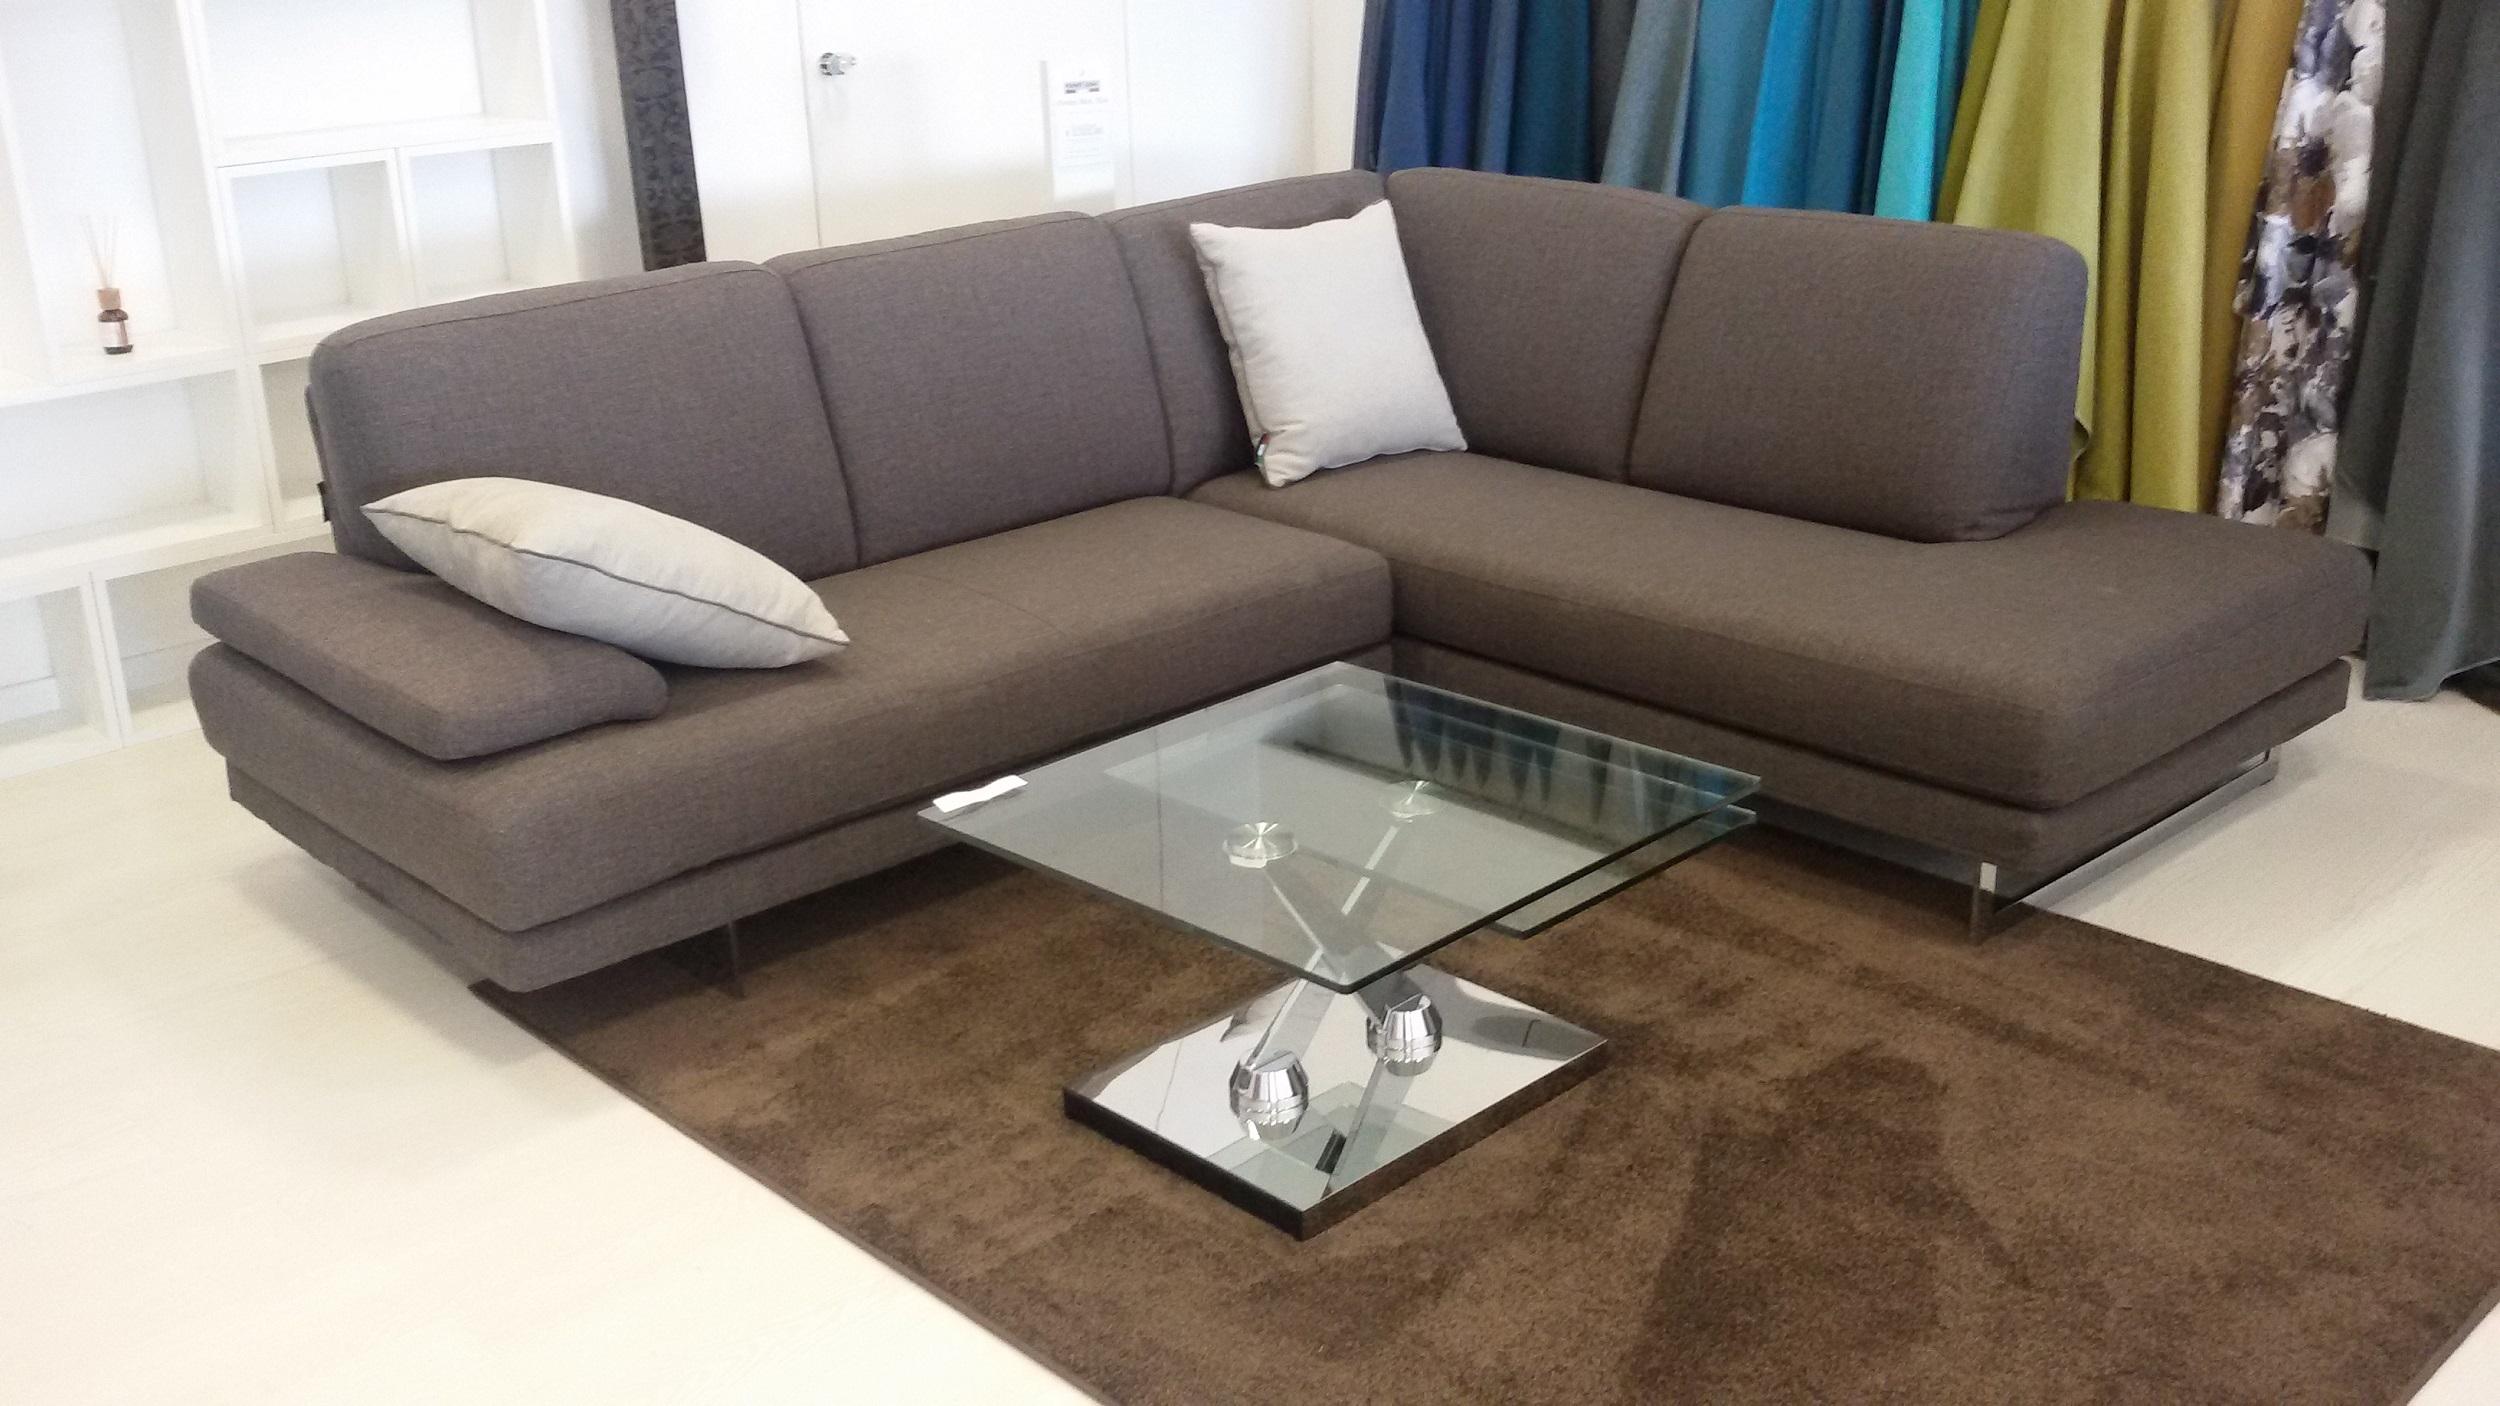 Tende da camera da letto ikea - Ikea divano angolare ...